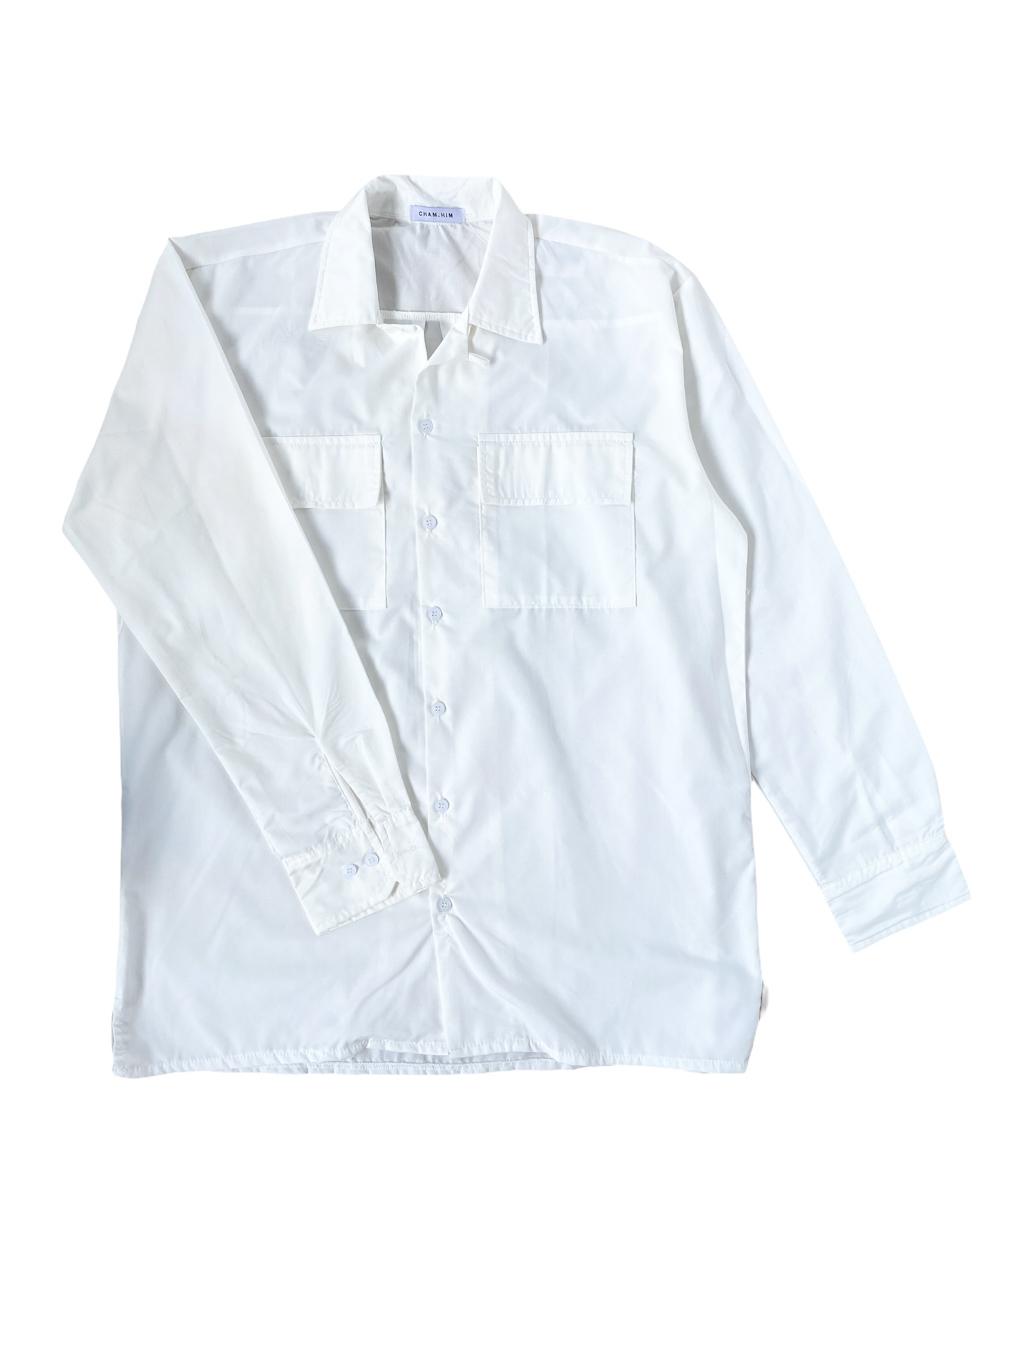 James Shirt (White)